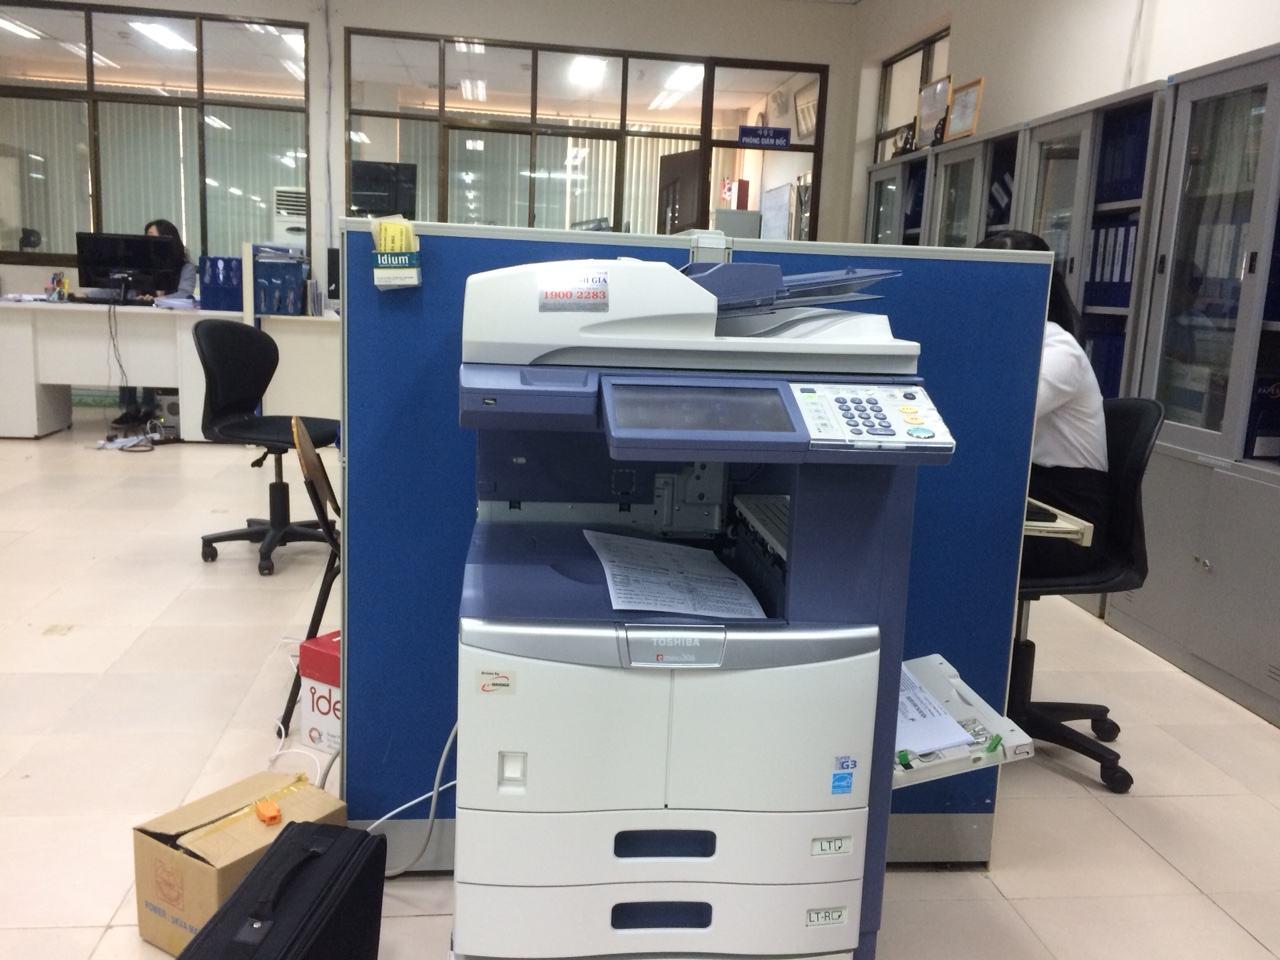 Nên đặt máy photocoppy ở đâu cho máy bền, chạy tốt